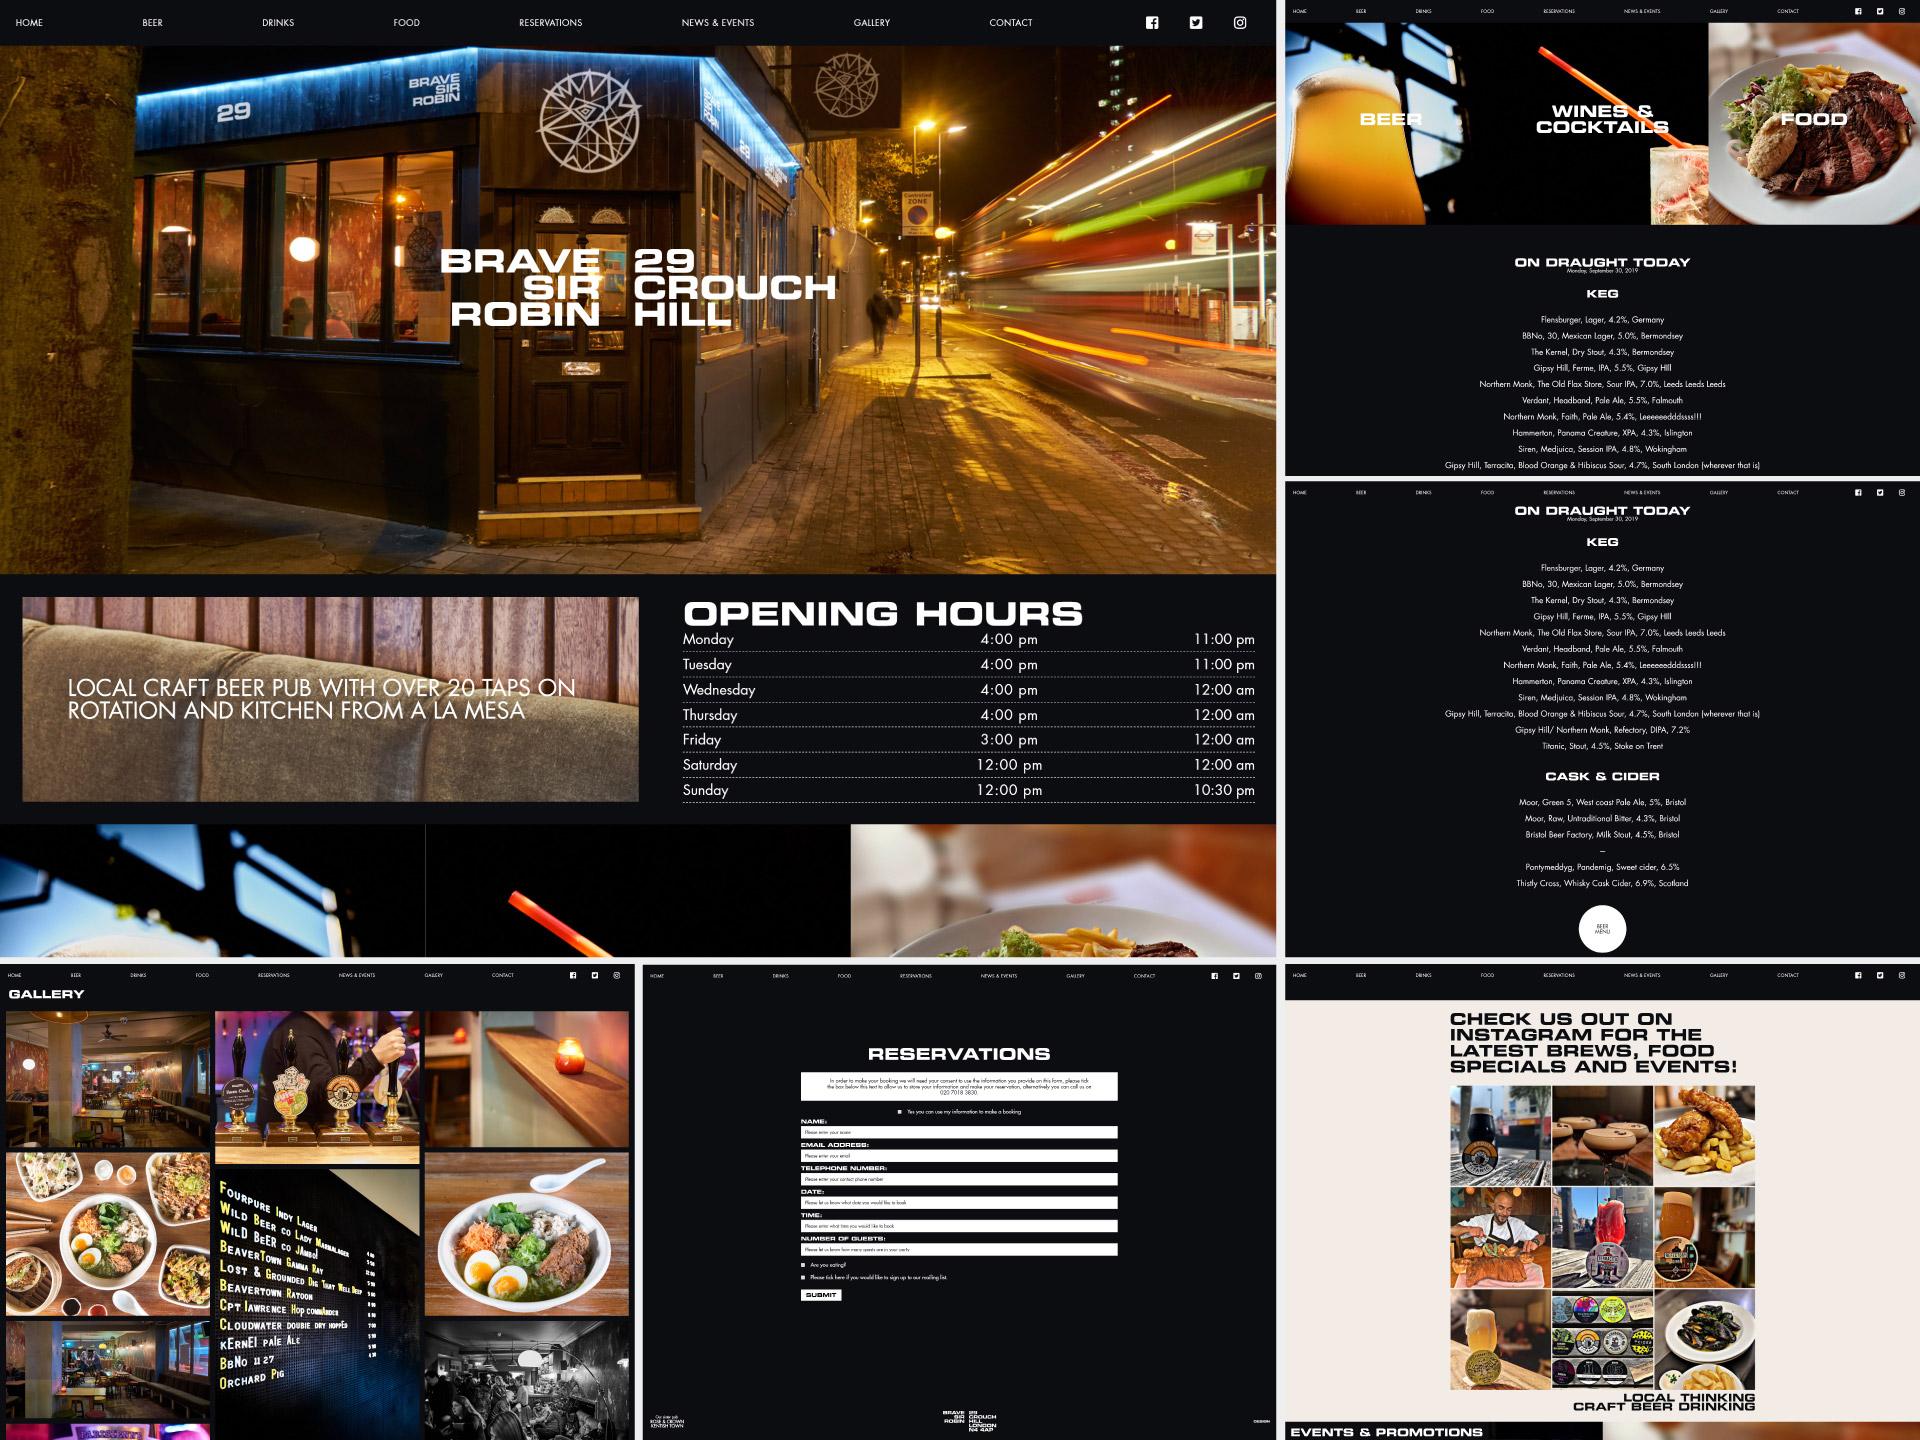 Website - desktop version